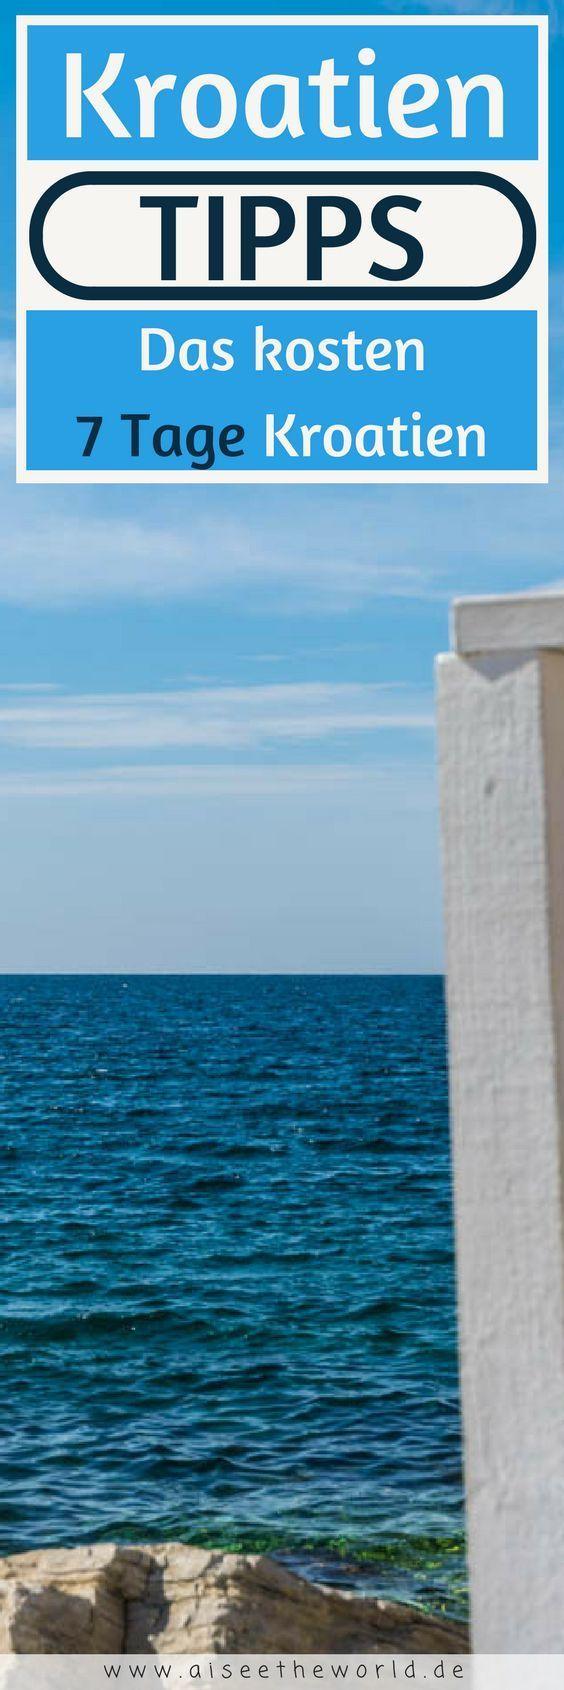 Urlaub in Kroatien Das kosten 7 Tage in Kroatien